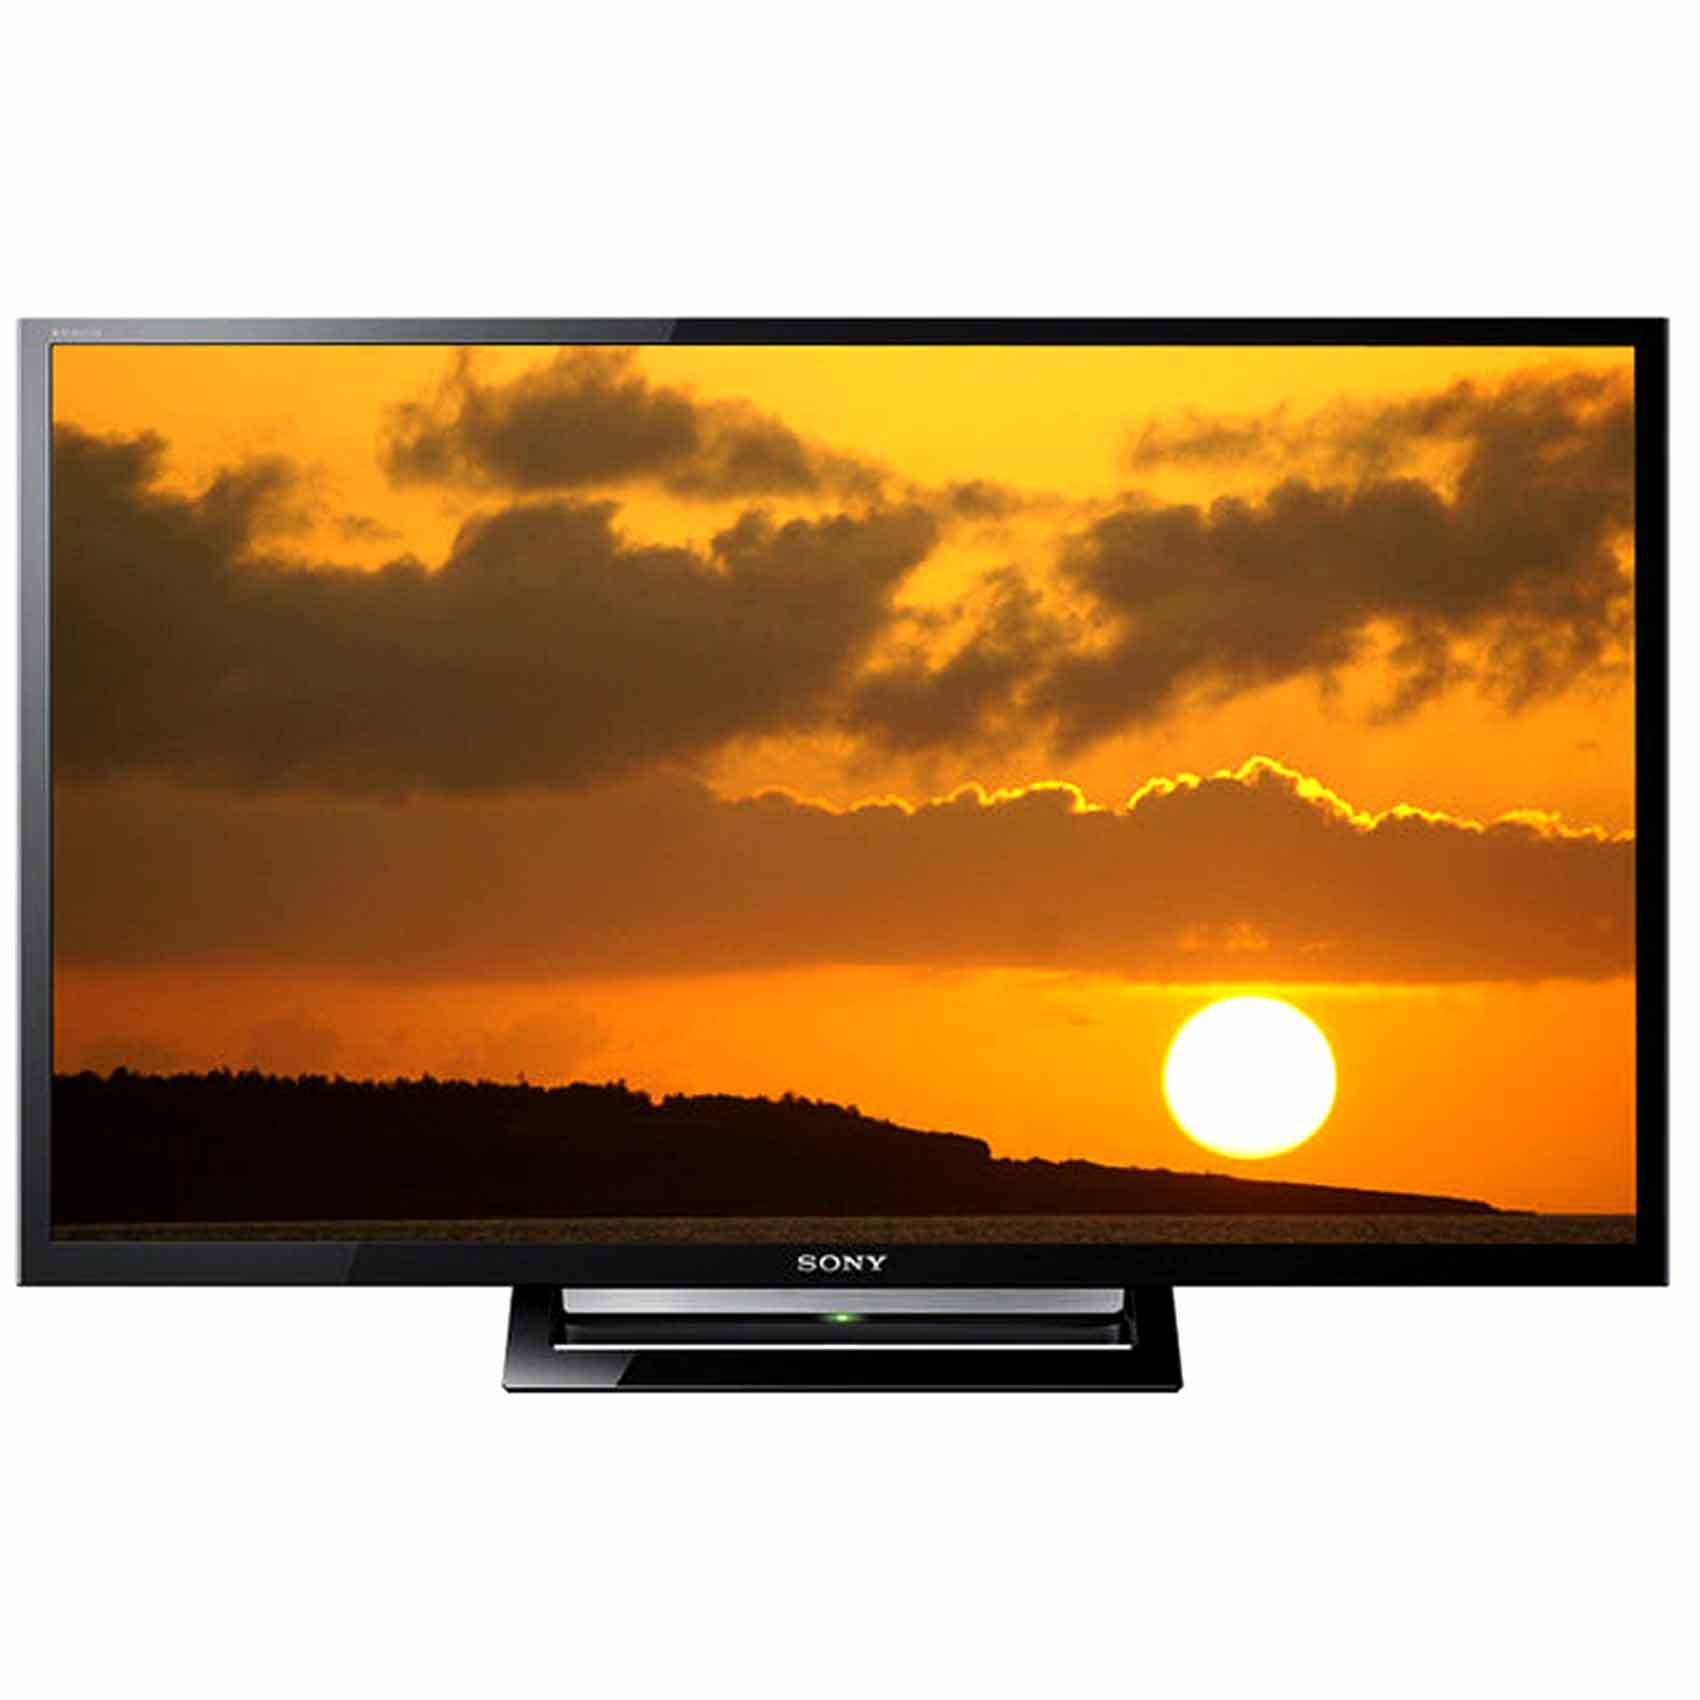 buy sony led tv 32 kdl 32r300e online in uae carrefour uae. Black Bedroom Furniture Sets. Home Design Ideas